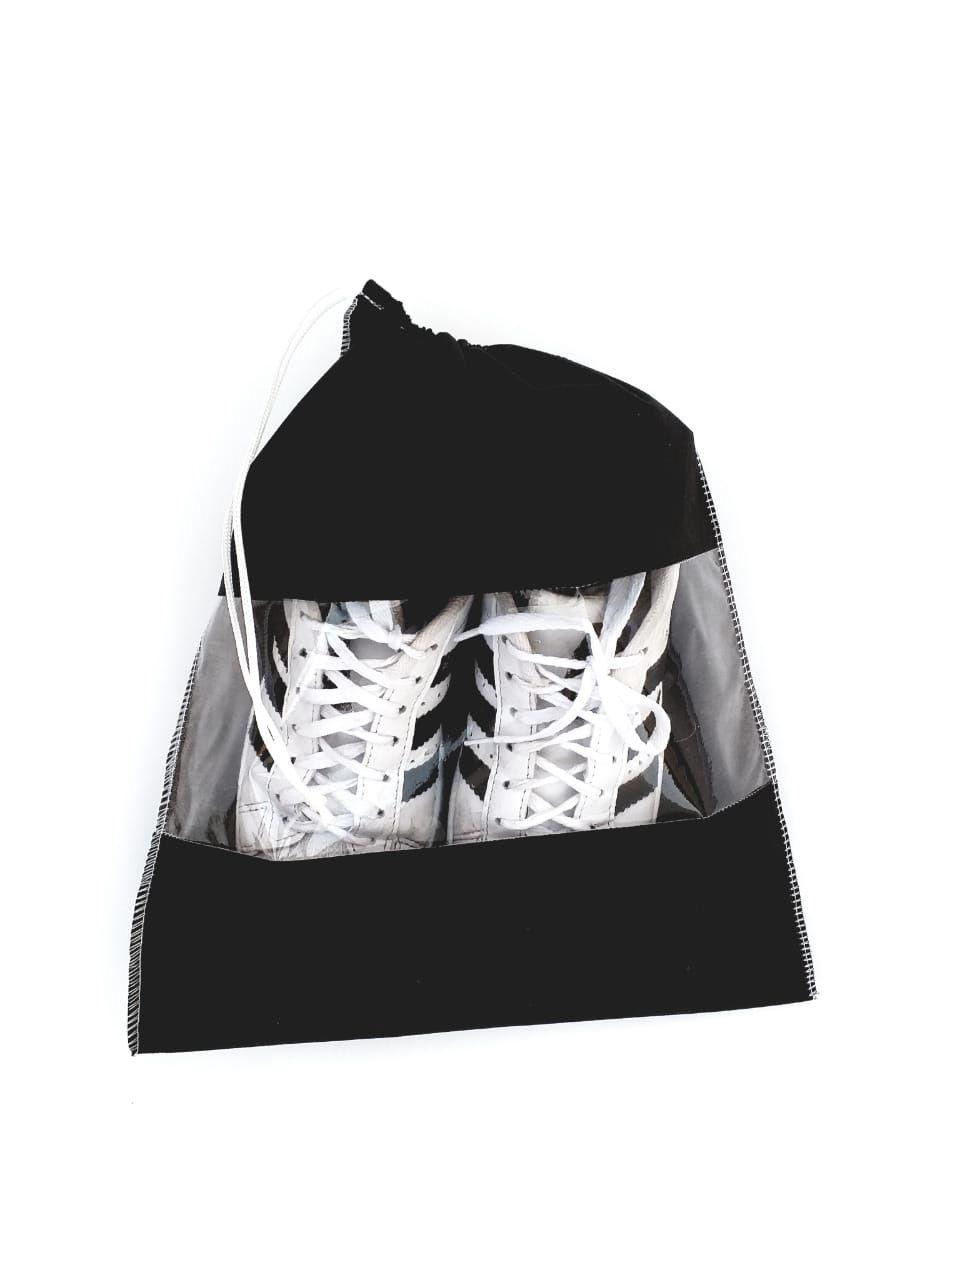 10 Sacos organizadores para sapato, tênis, sandálias e outros na cor Preta em TNT com visor transparente